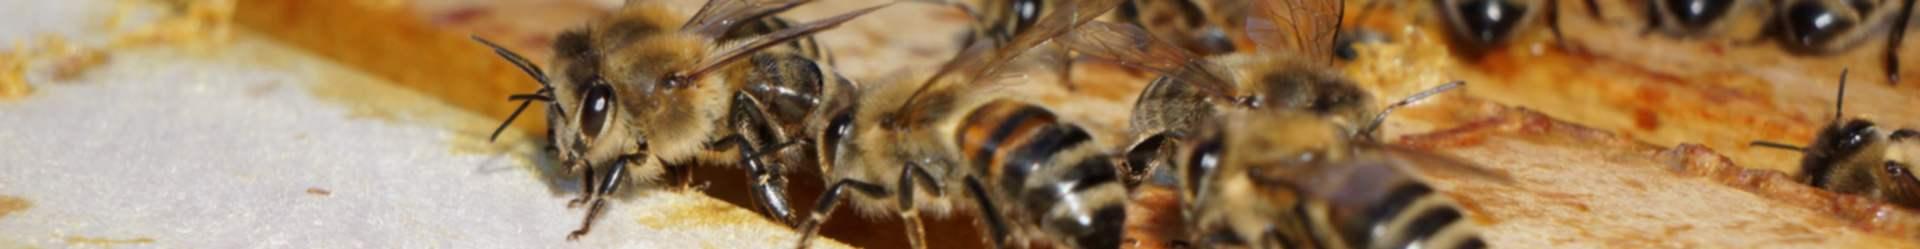 bienengeschenke.de – Unser Internetshop für die kleinen Geschenke rund um die Biene